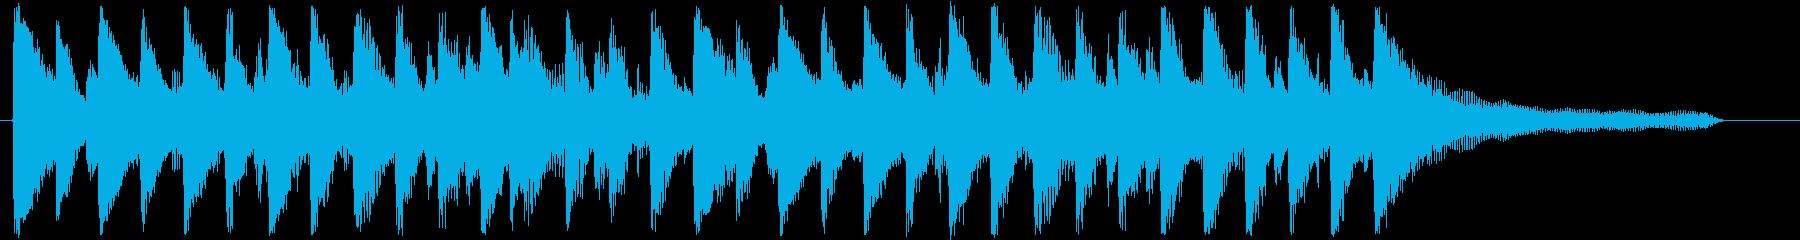 流行の爽やかなコーポレート系サウンド♪の再生済みの波形